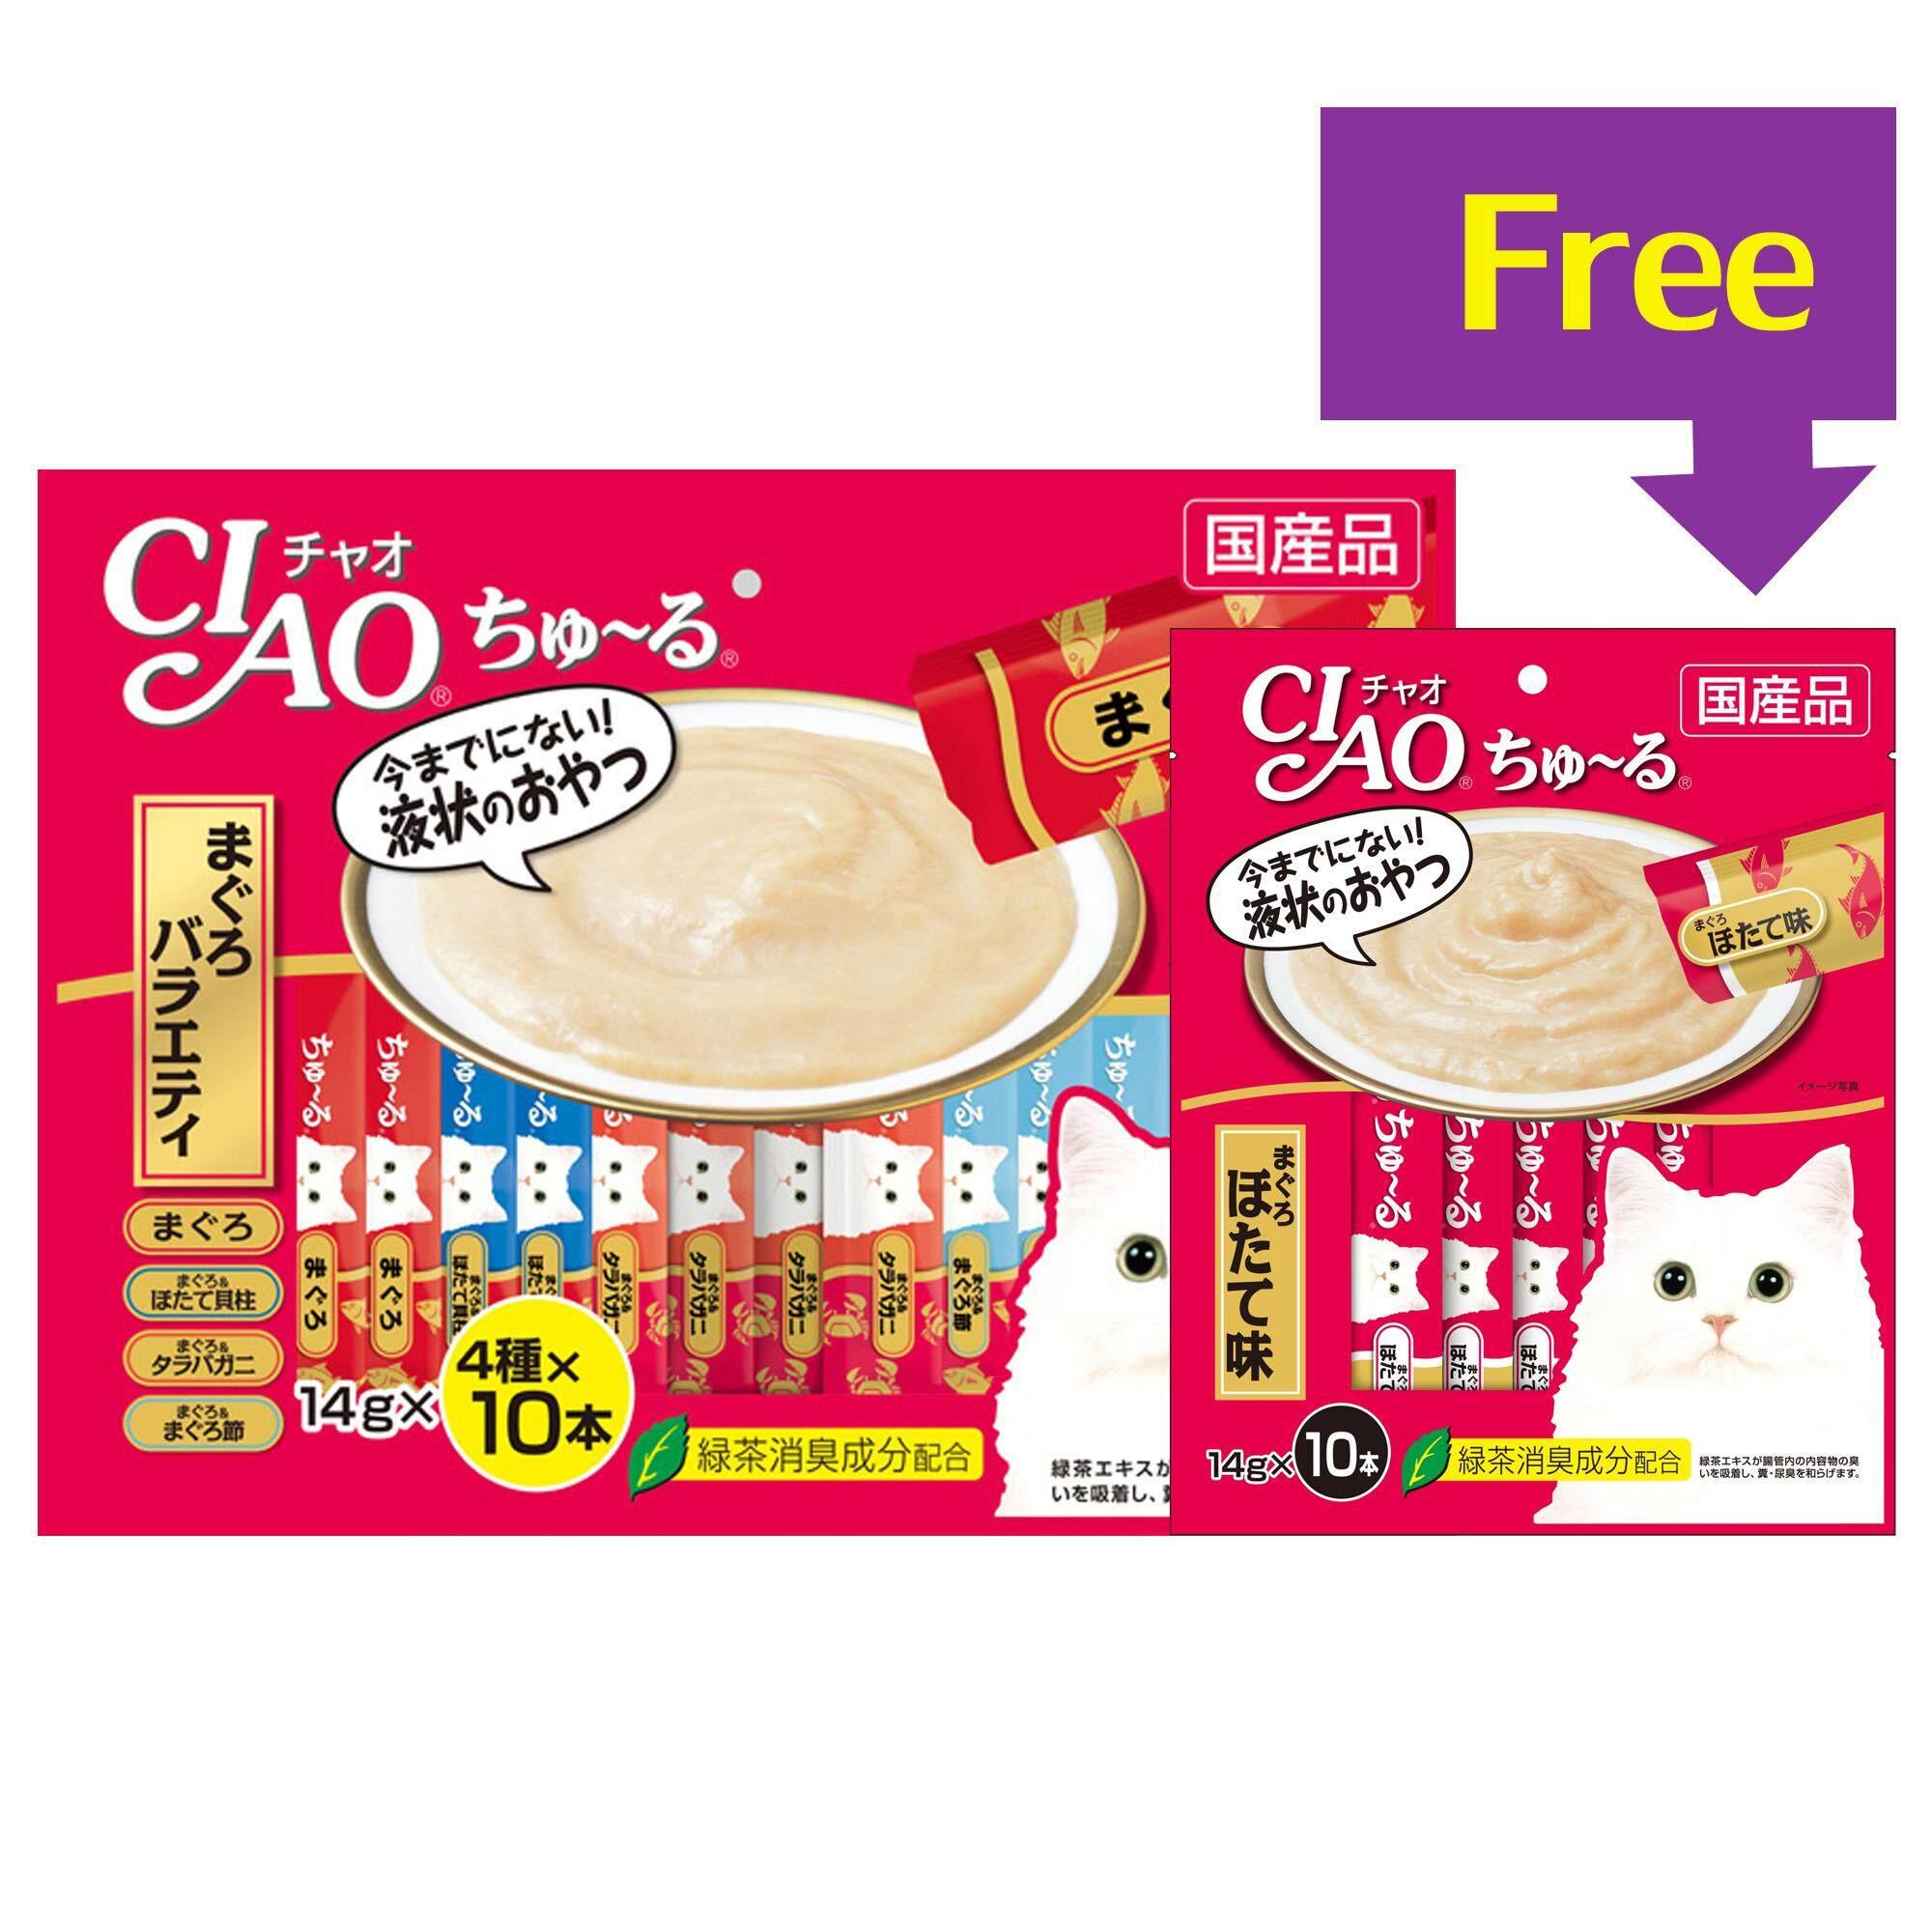 CIAO เชา ชูหรุ ขนมแมวเลีย ปลาทูน่า รสผสม 40 ซอง ฟรีขนมแมวเลียคละรส 10 ซอง